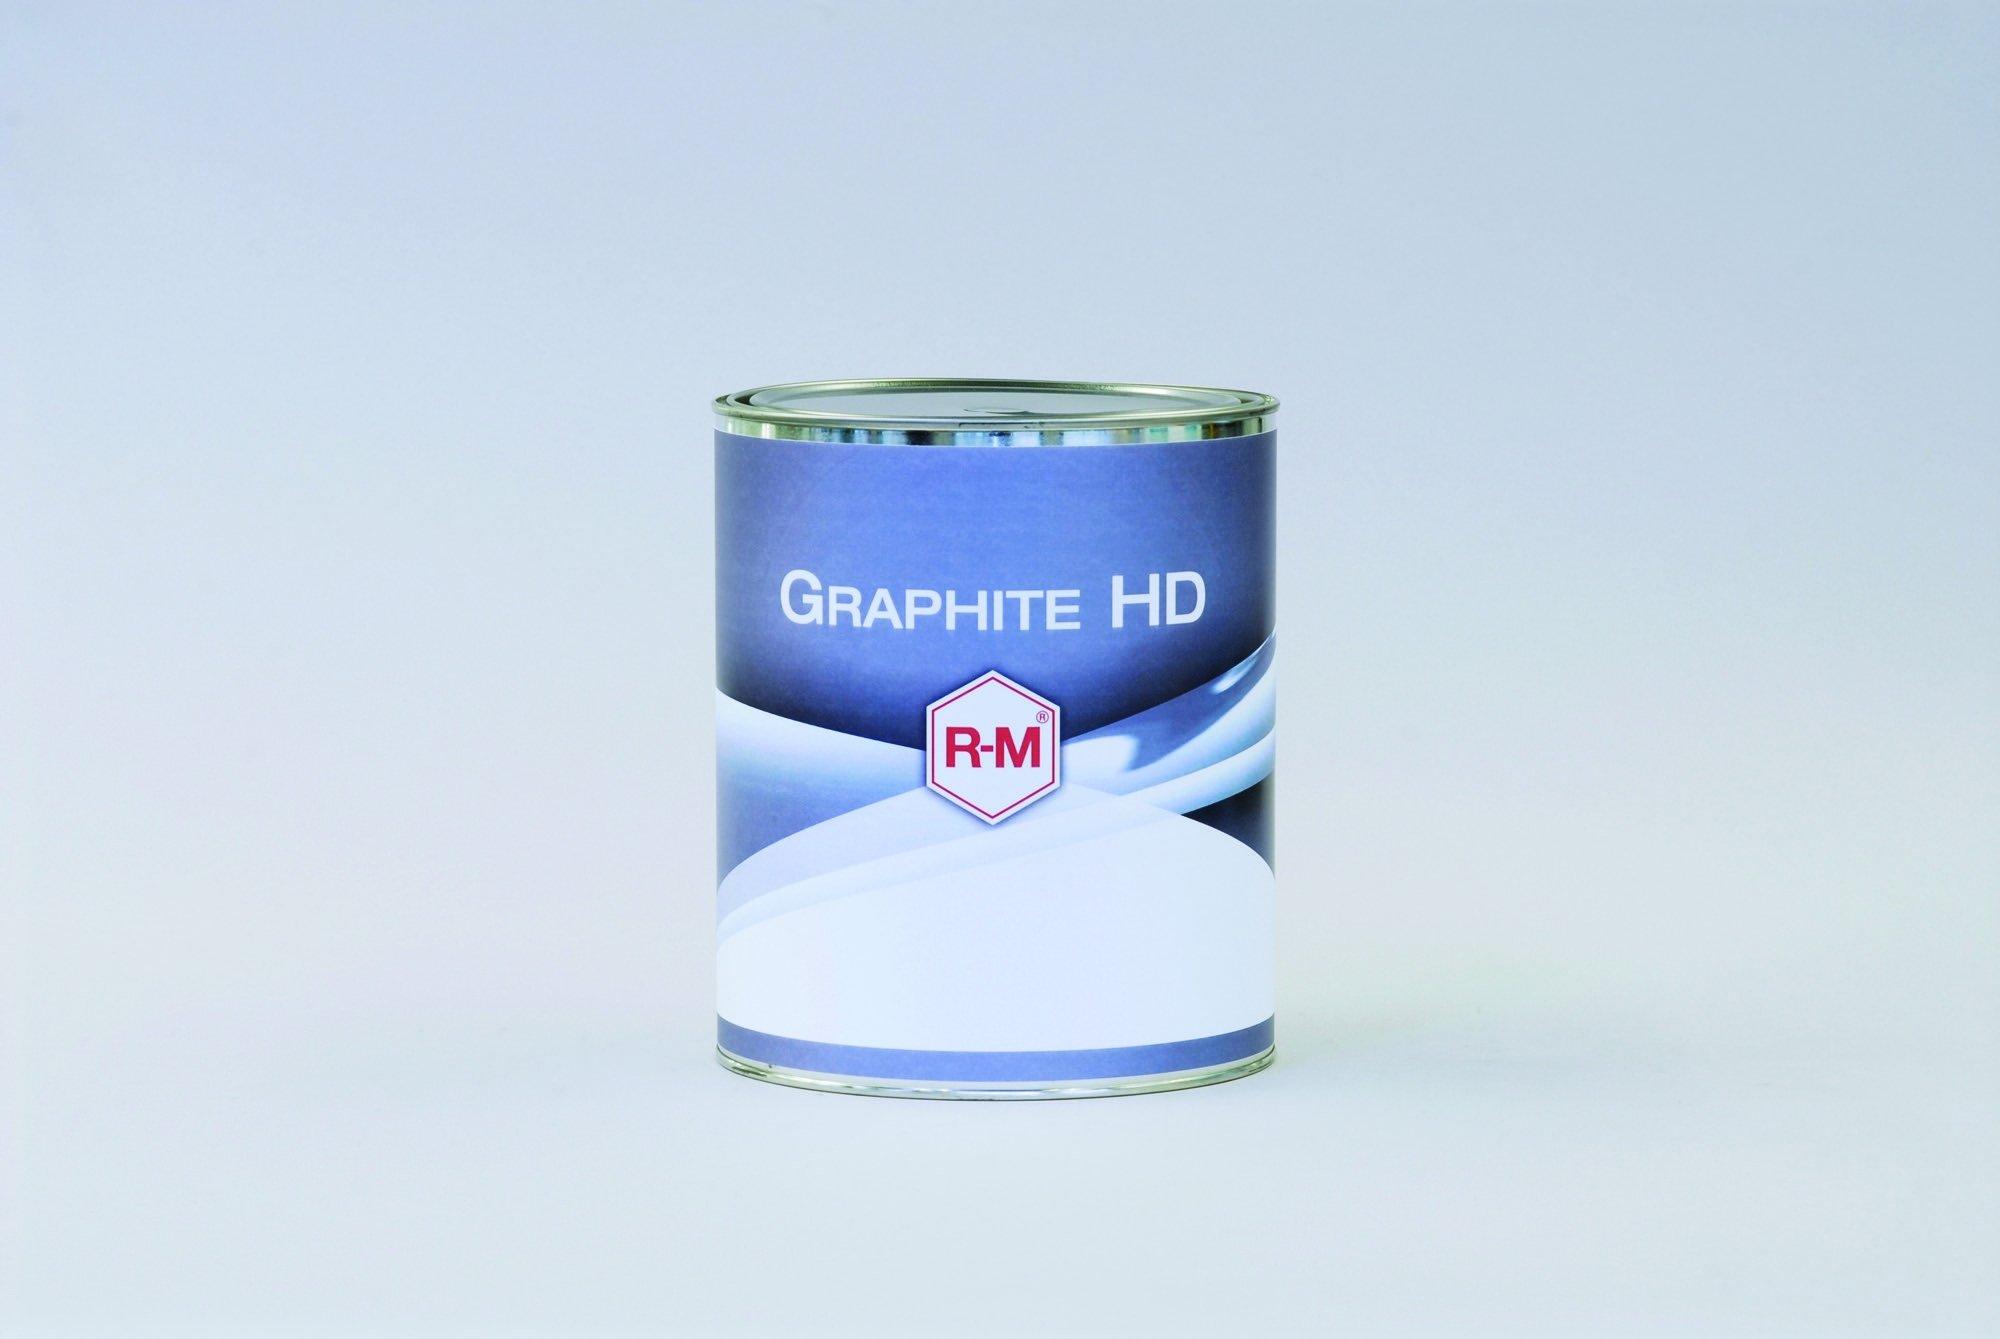 GRAPHITE HD Exclusive